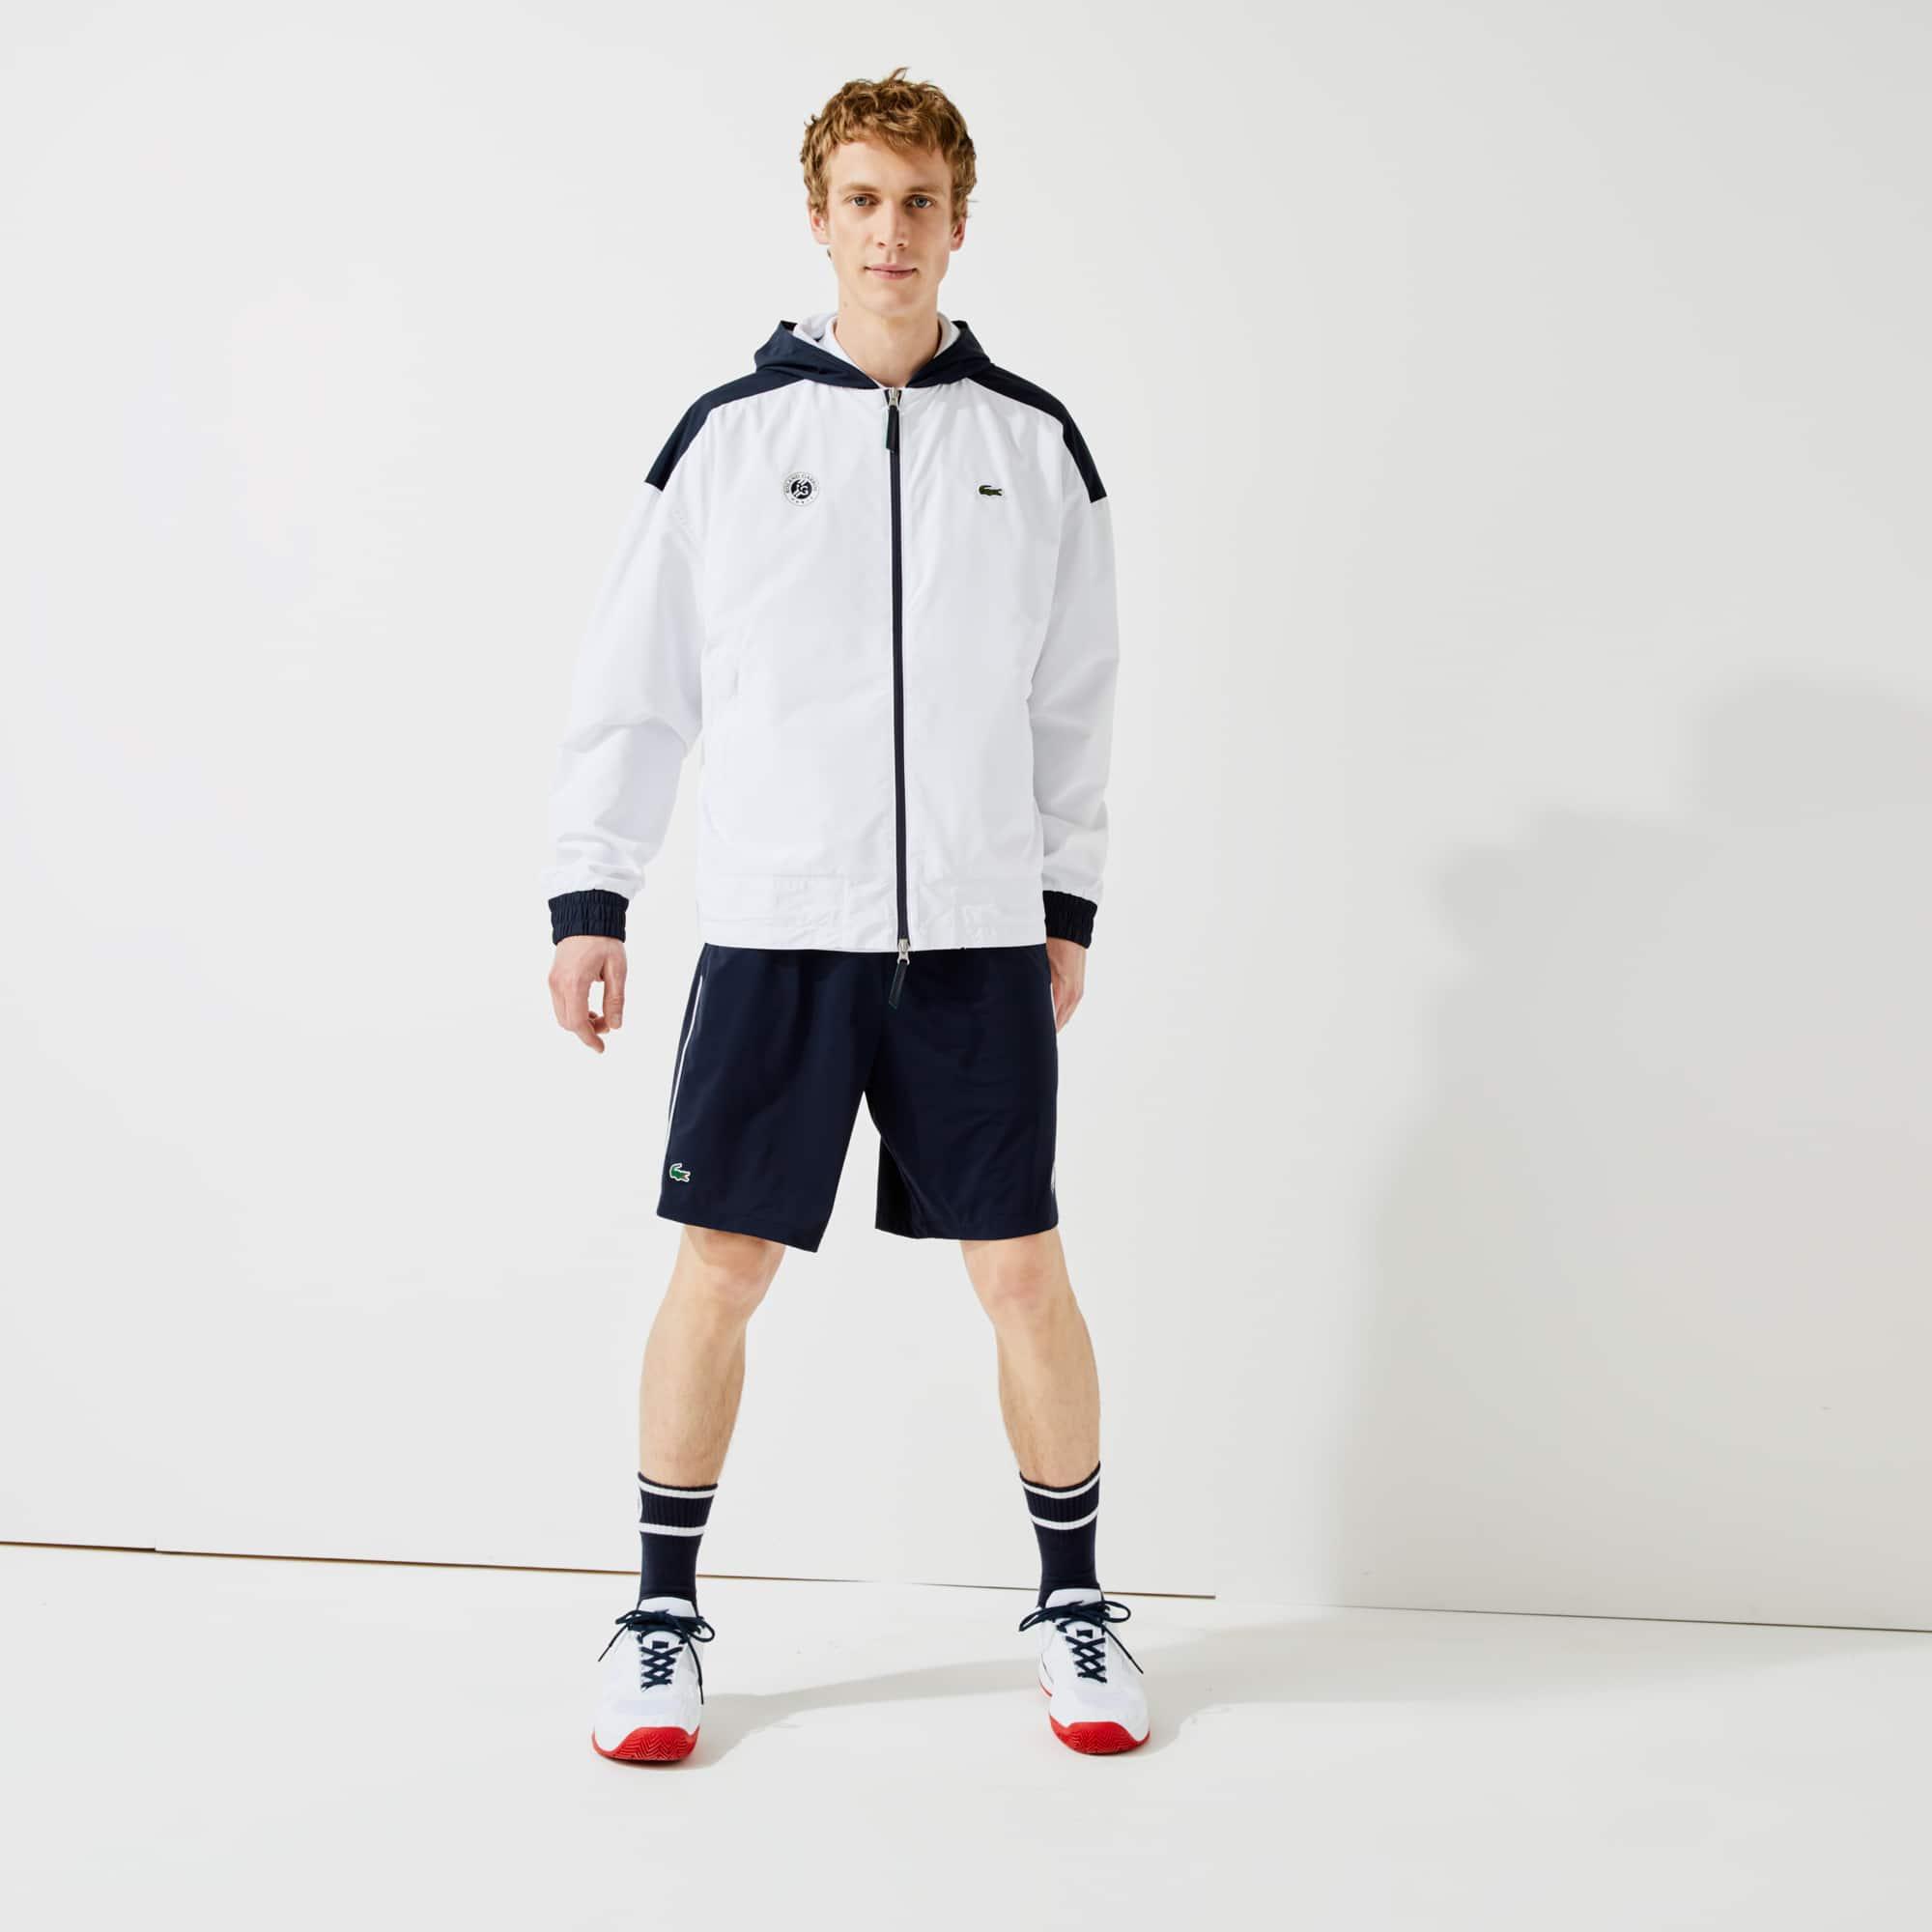 라코스테 스포츠 롤랑가로스 바람막이 자켓 Lacoste Mens SPORT Roland Garros Zip-Up Windbreaker